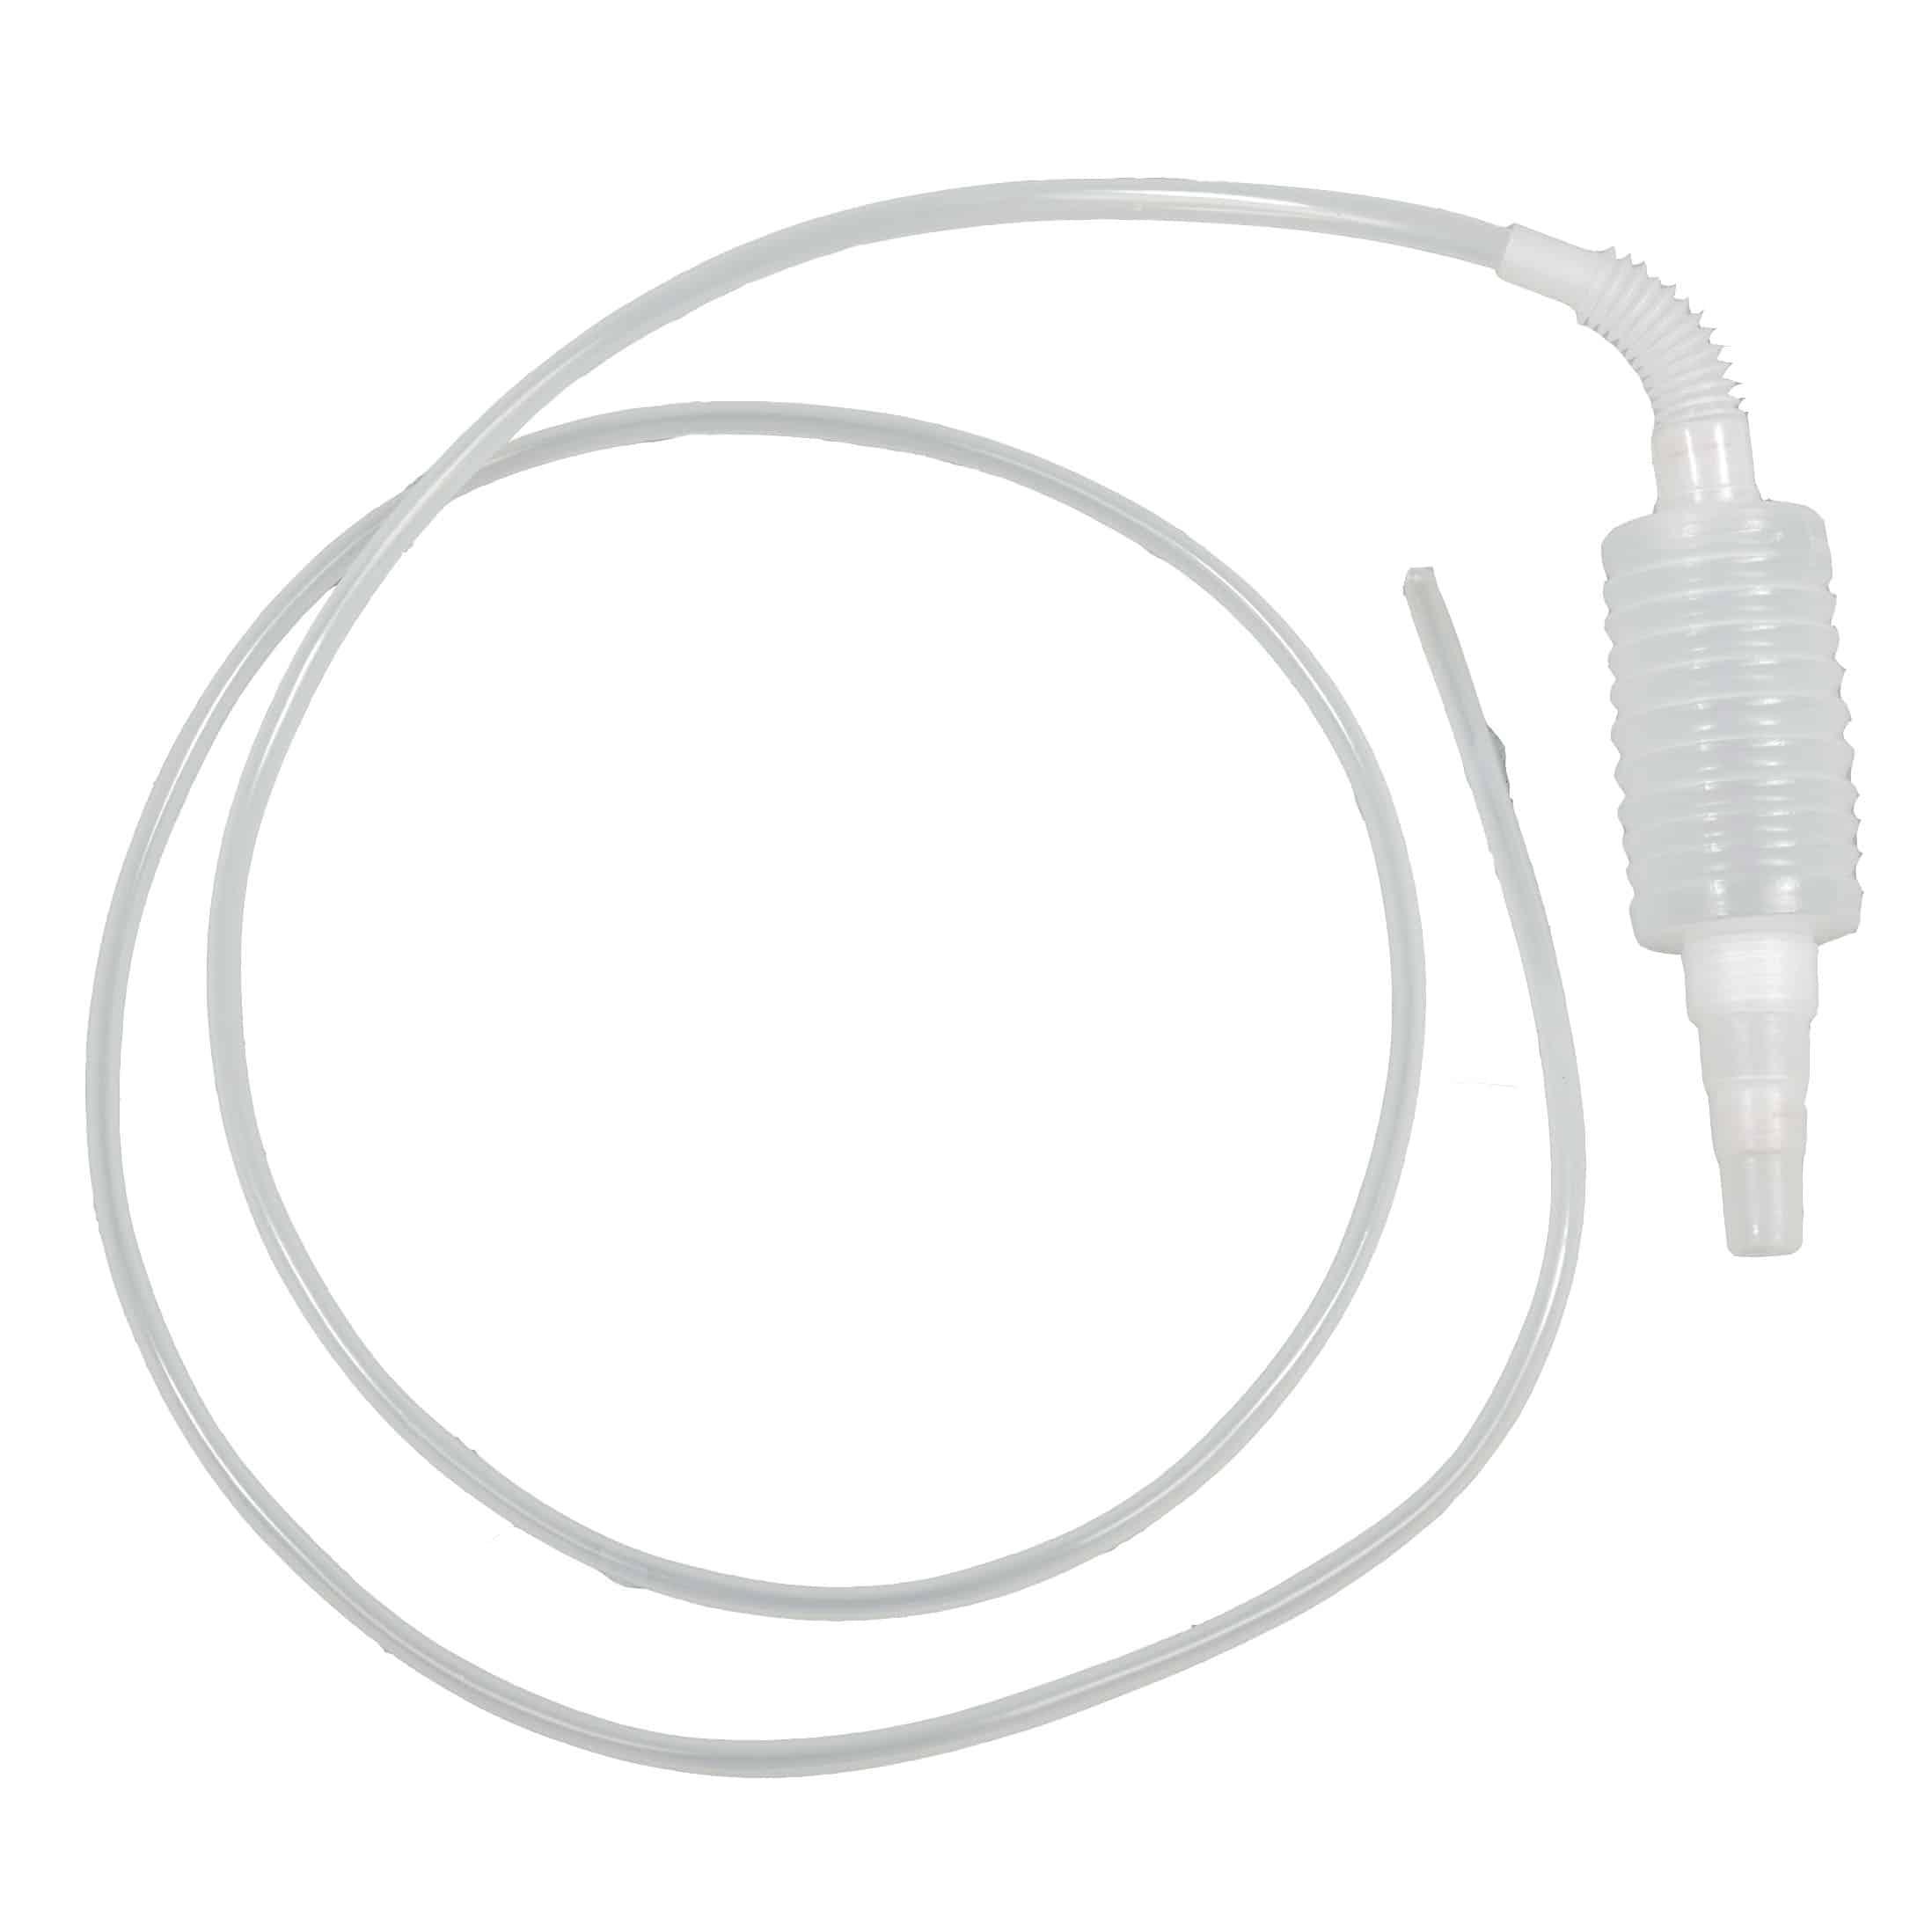 SP05 Polyethylene Syphon Pumps